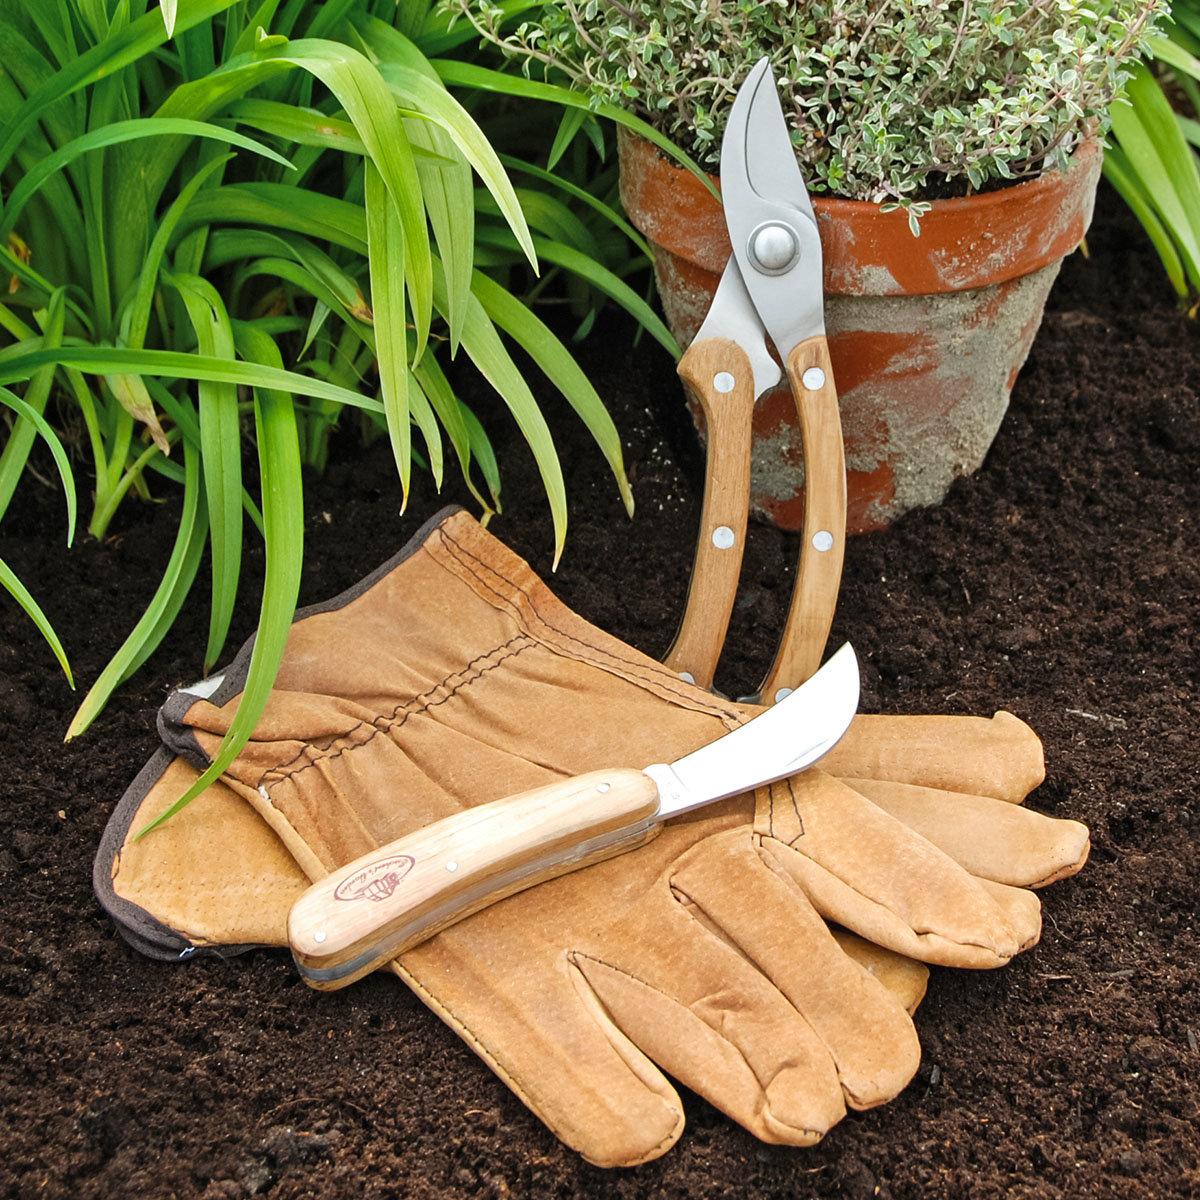 Gartenwerkzeug-Set, Schlossgärtner, Eschenholzgriff, Edelstahl, mit Lederhandschuhen | #2